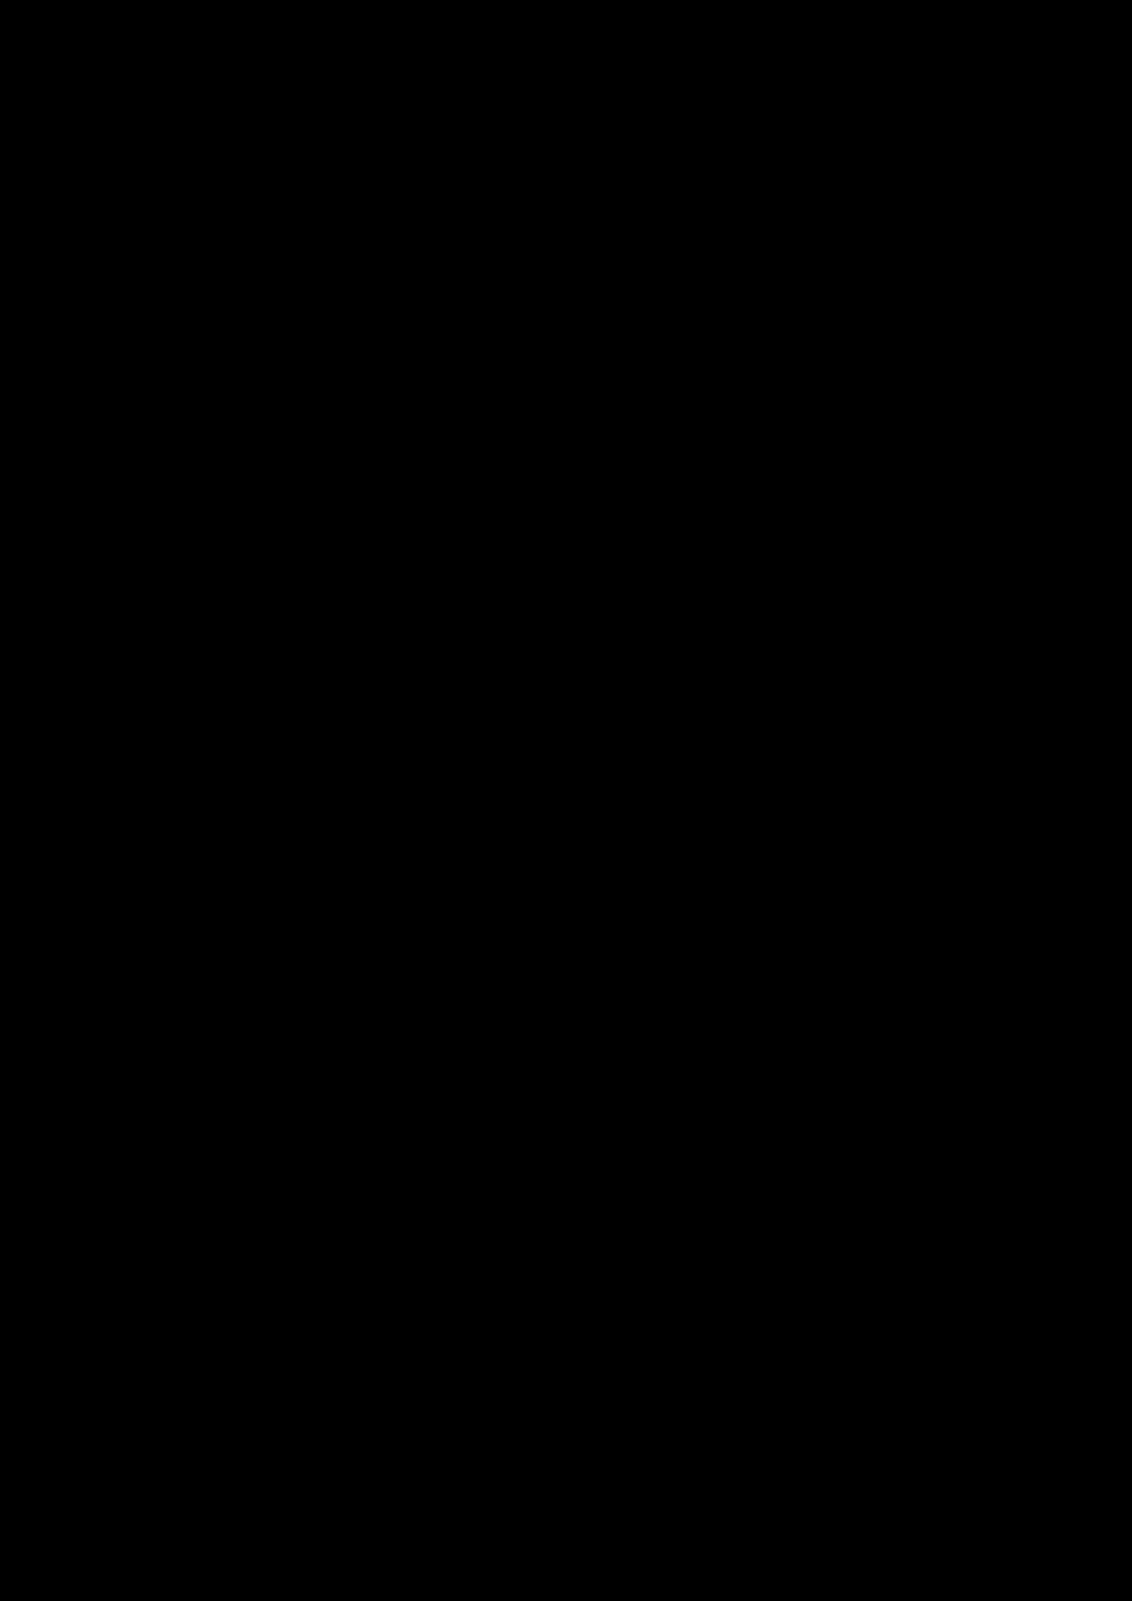 Zagadka volshebnoy stranyi slide, Image 94